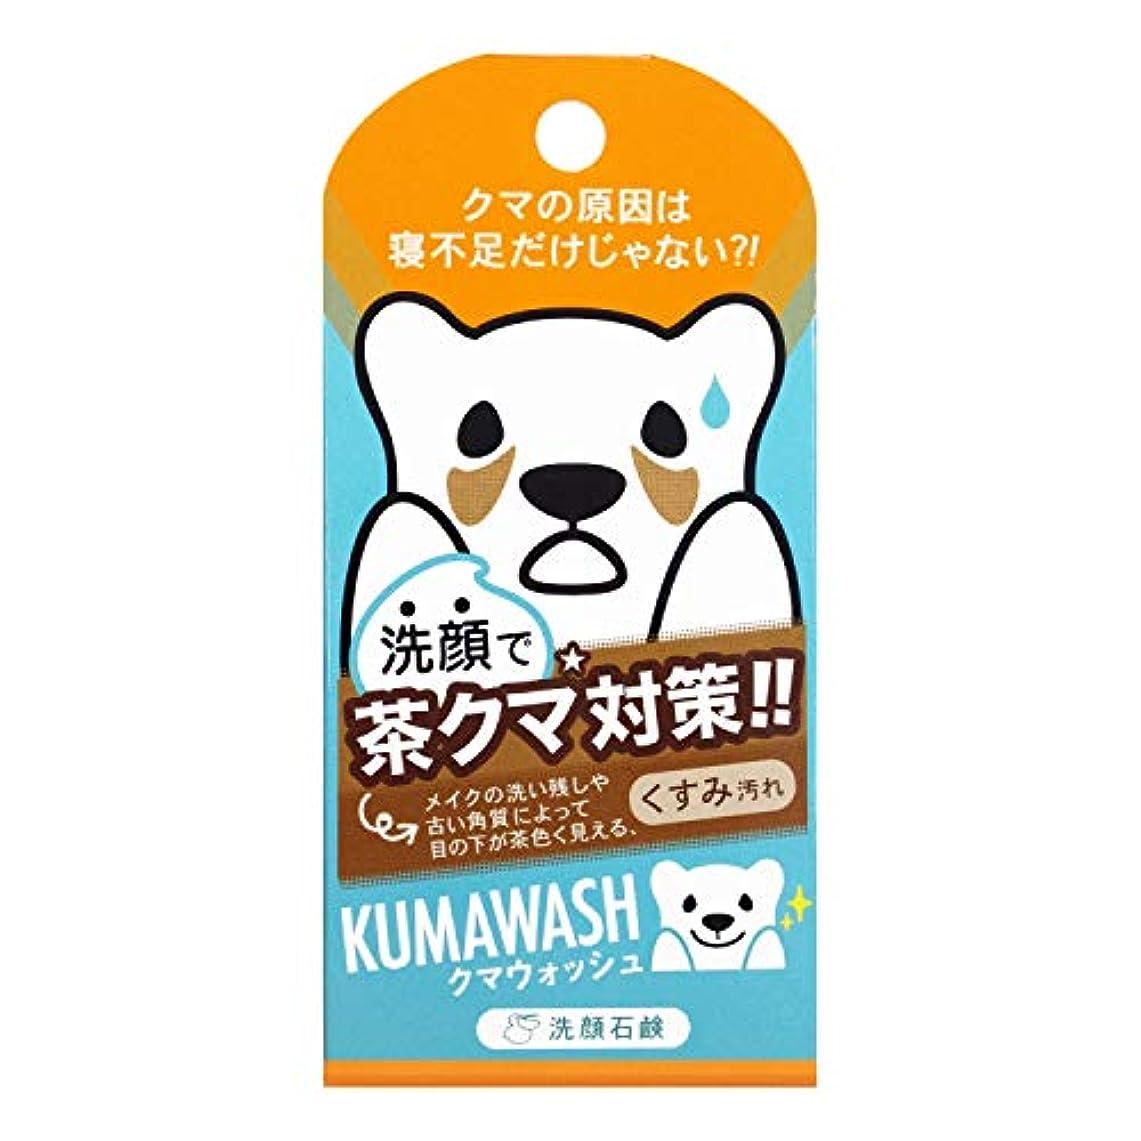 破壊する花に水をやる心理的ペリカン石鹸 クマウォッシュ洗顔石鹸 75g